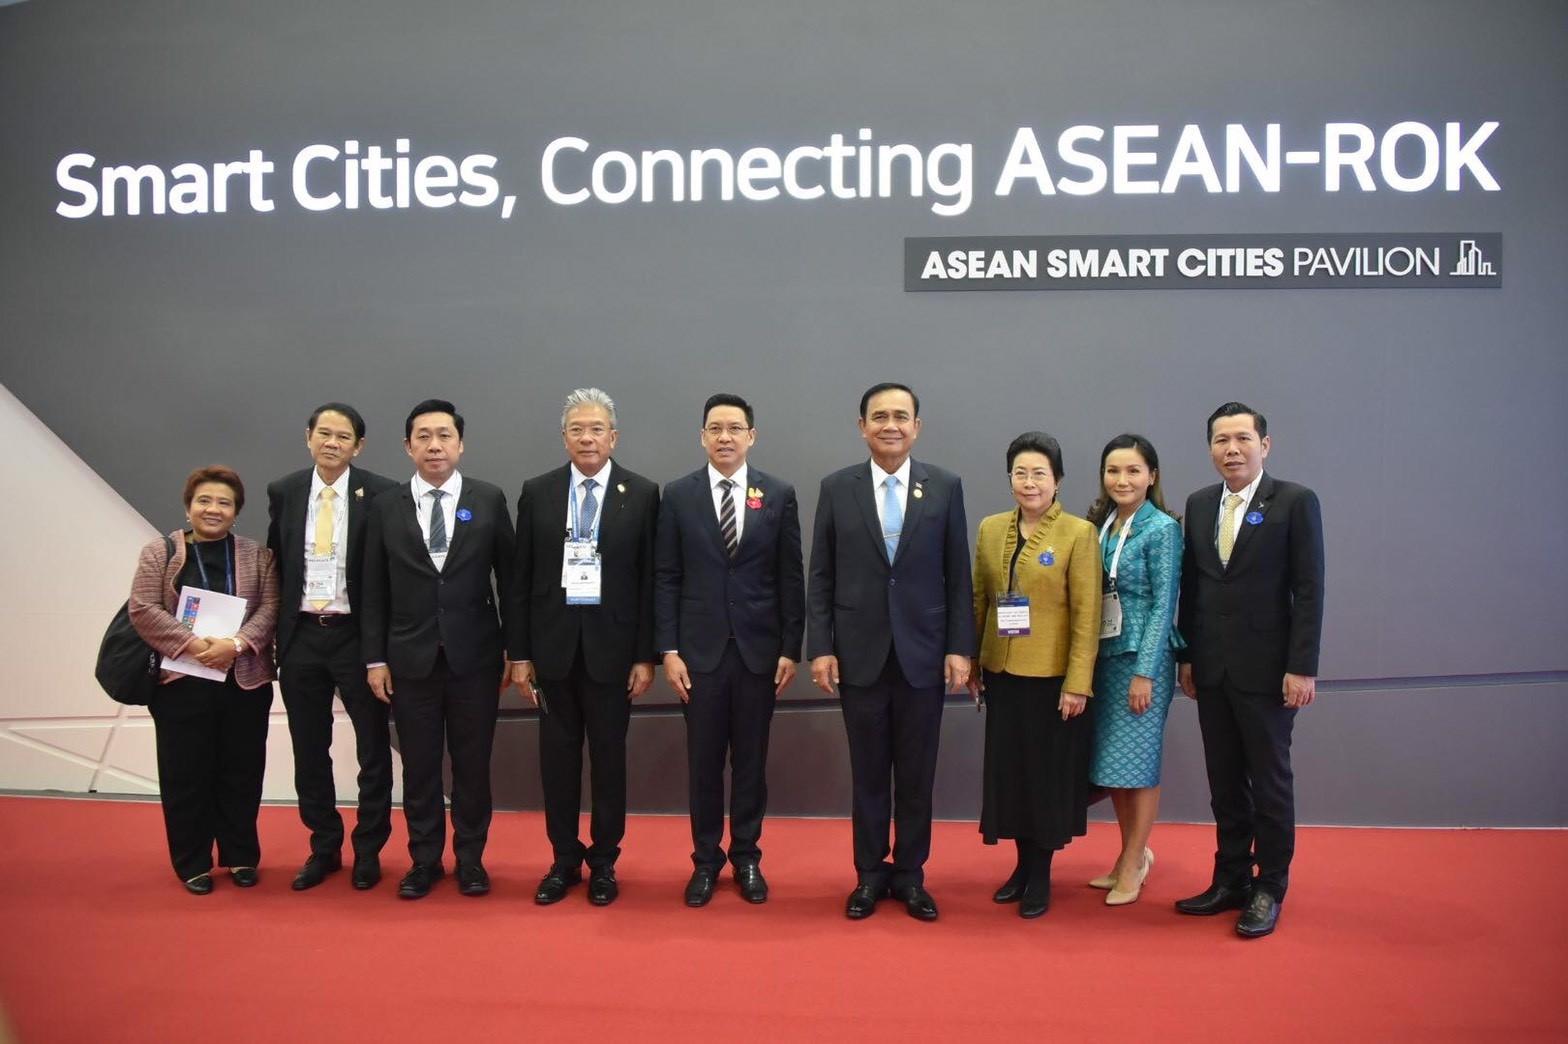 รัฐมนตรีว่าการกระทรวงดิจิทัลฯ ประชุมร่วมรัฐมนตรีอาเซียน เร่งผลักดันพัฒนา เมืองอัจฉริยะอาเซียน - เกาหลีใต้ ในปี 2563